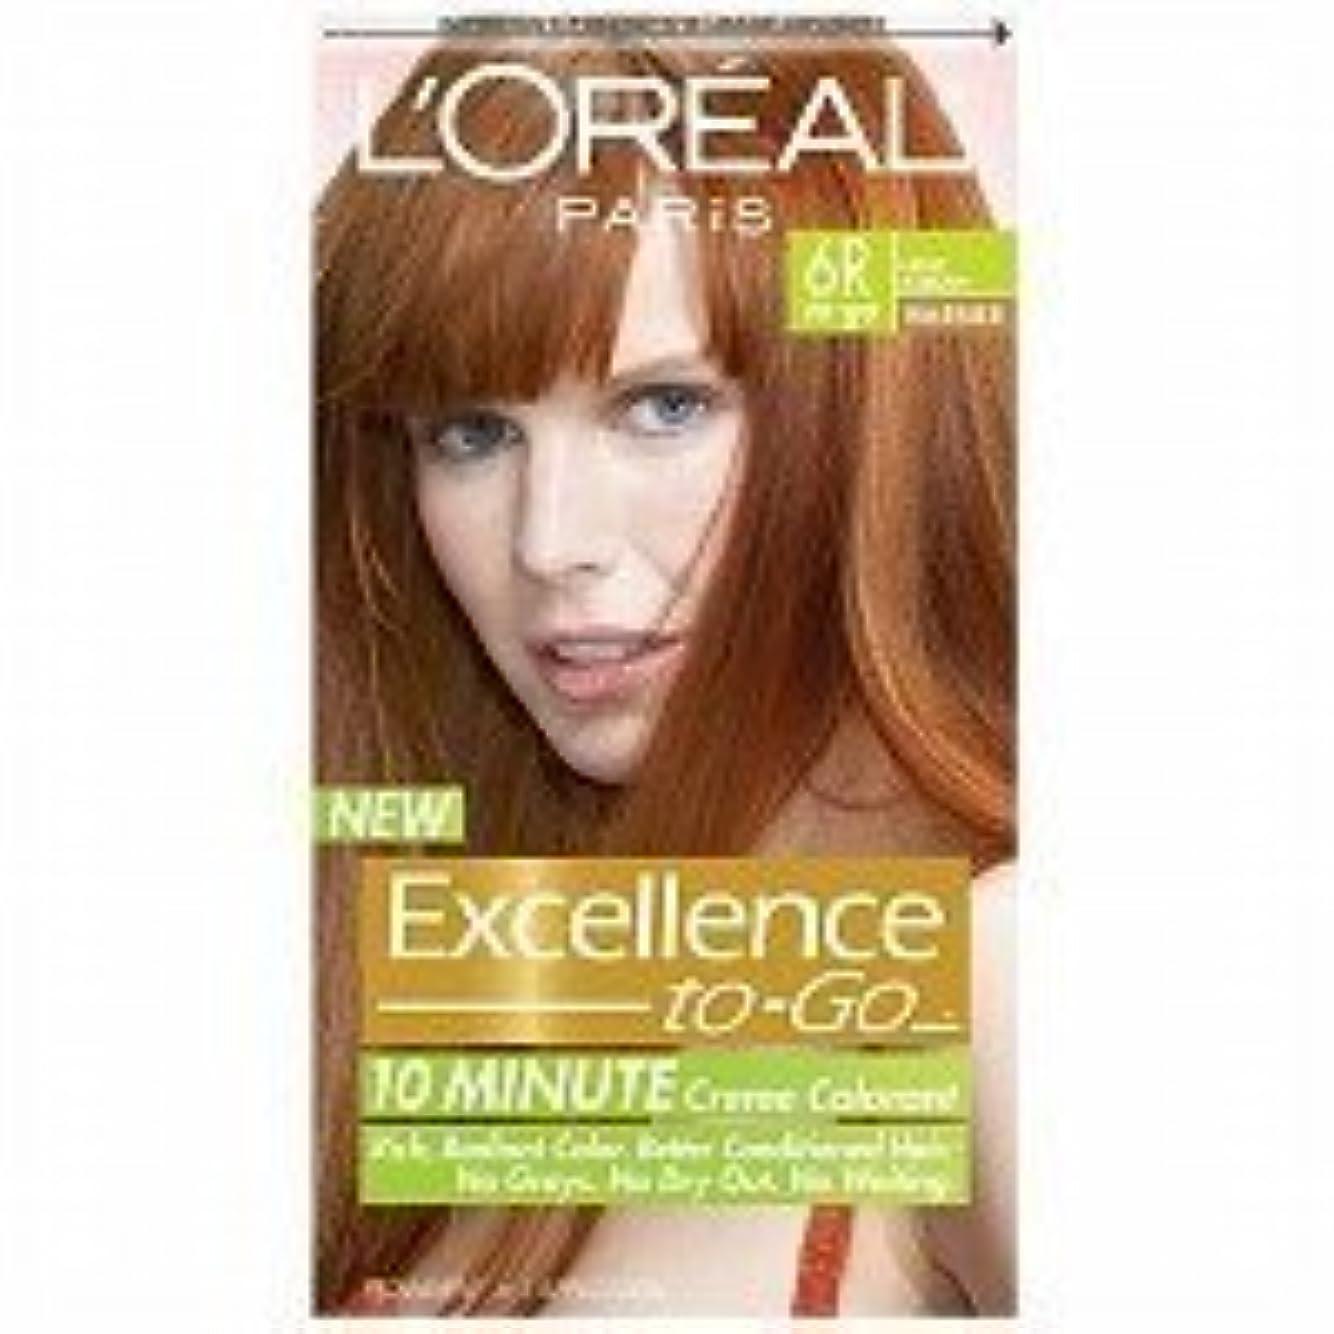 有毒な露出度の高い温室L'Oreal Paris Excellence To-Go 10-Minute Cr?N?Nme Coloring, Light Auburn 6R by L'Oreal Paris Hair Color [並行輸入品]